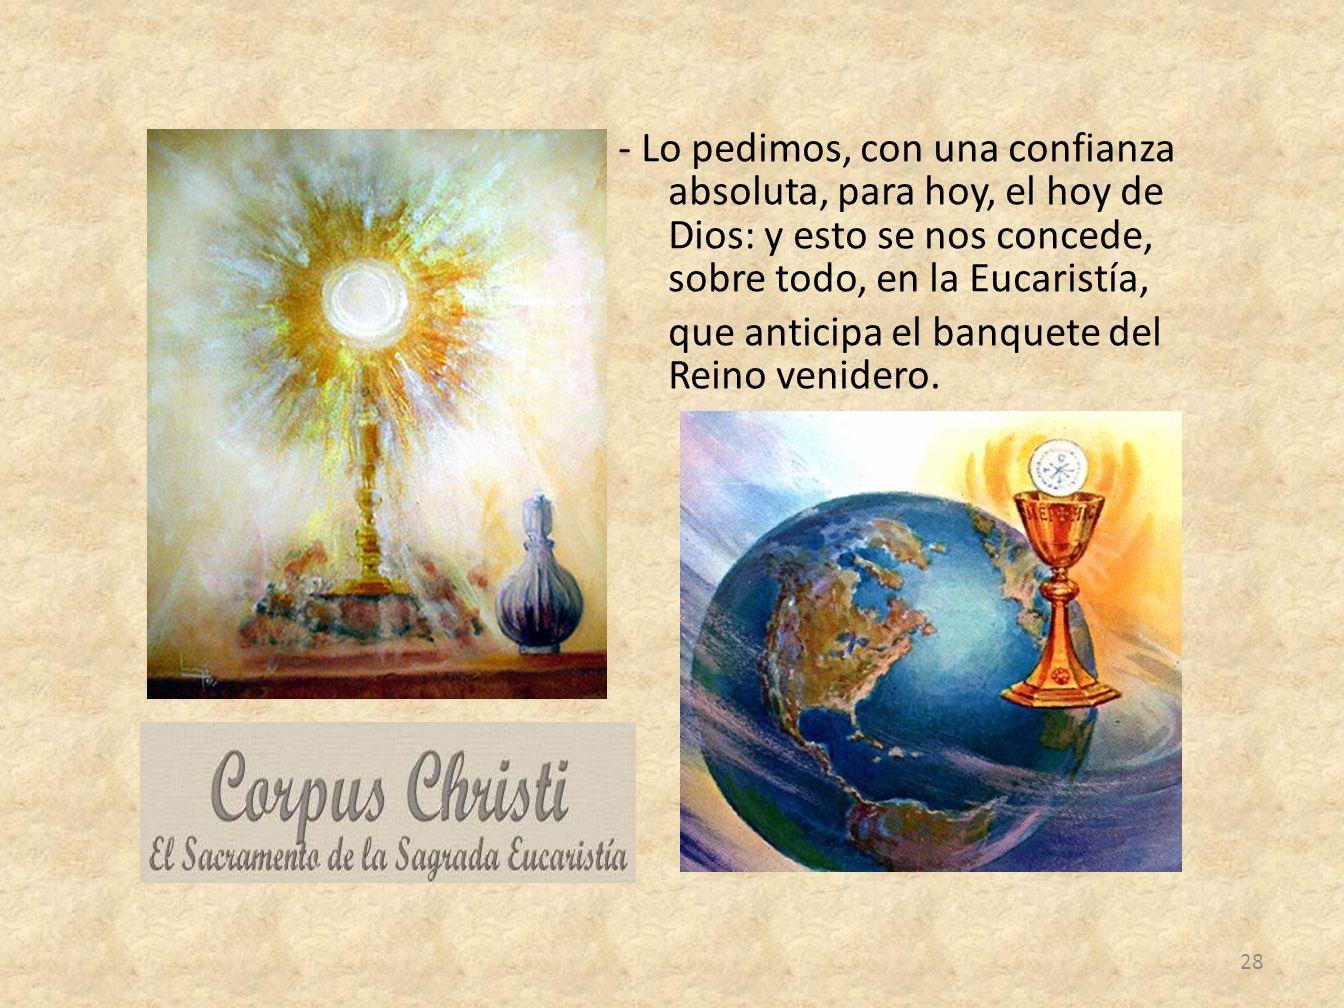 - Lo pedimos, con una confianza absoluta, para hoy, el hoy de Dios: y esto se nos concede, sobre todo, en la Eucaristía, que anticipa el banquete del Reino venidero.